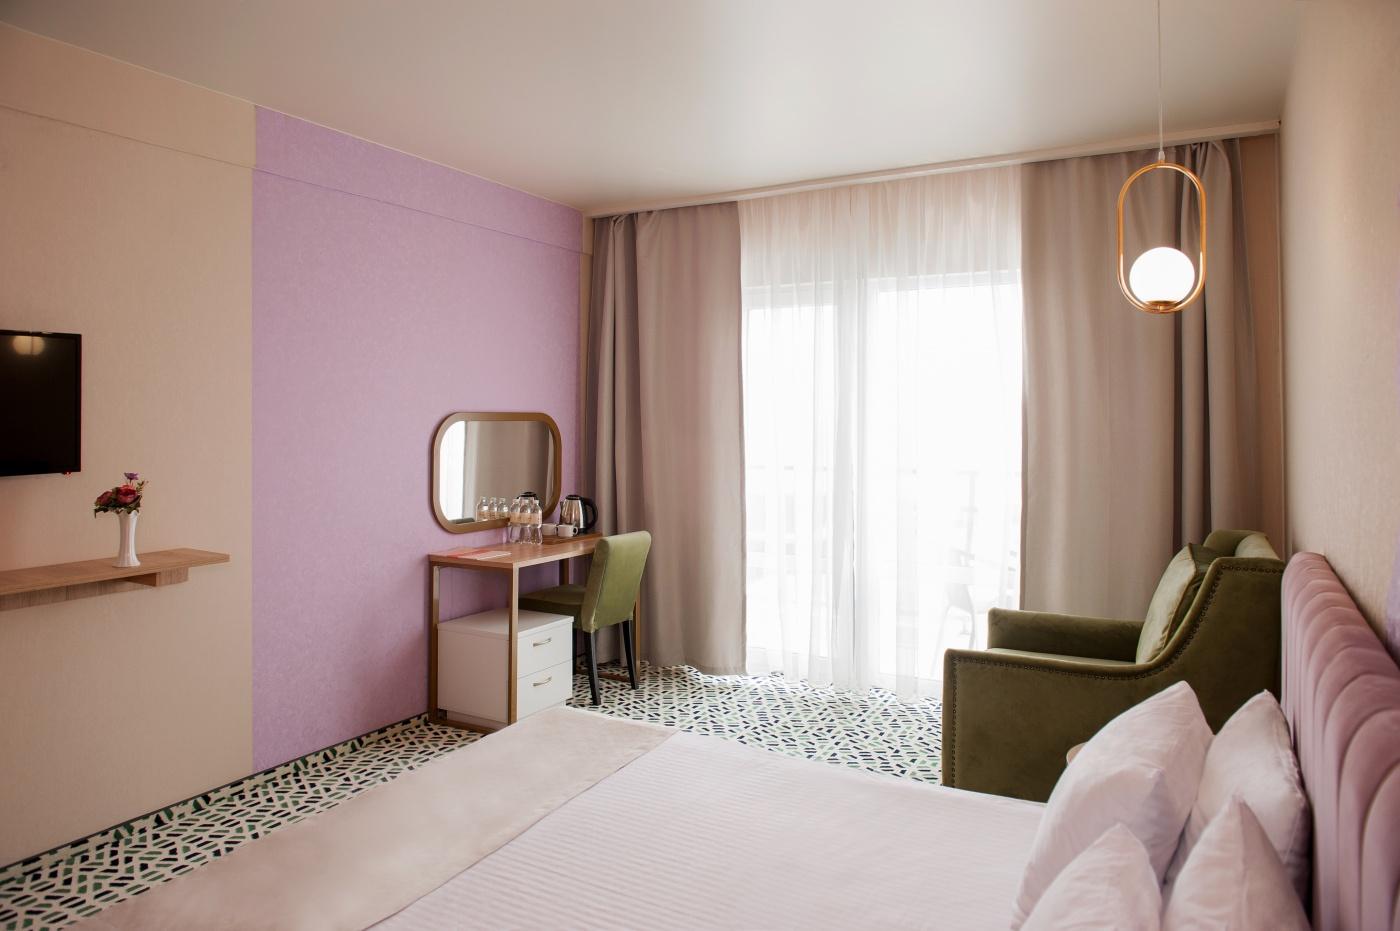 Отель «Aurum Family Resort & Spa» Краснодарский край Standard SV 2-местный (в корпусе), фото 2